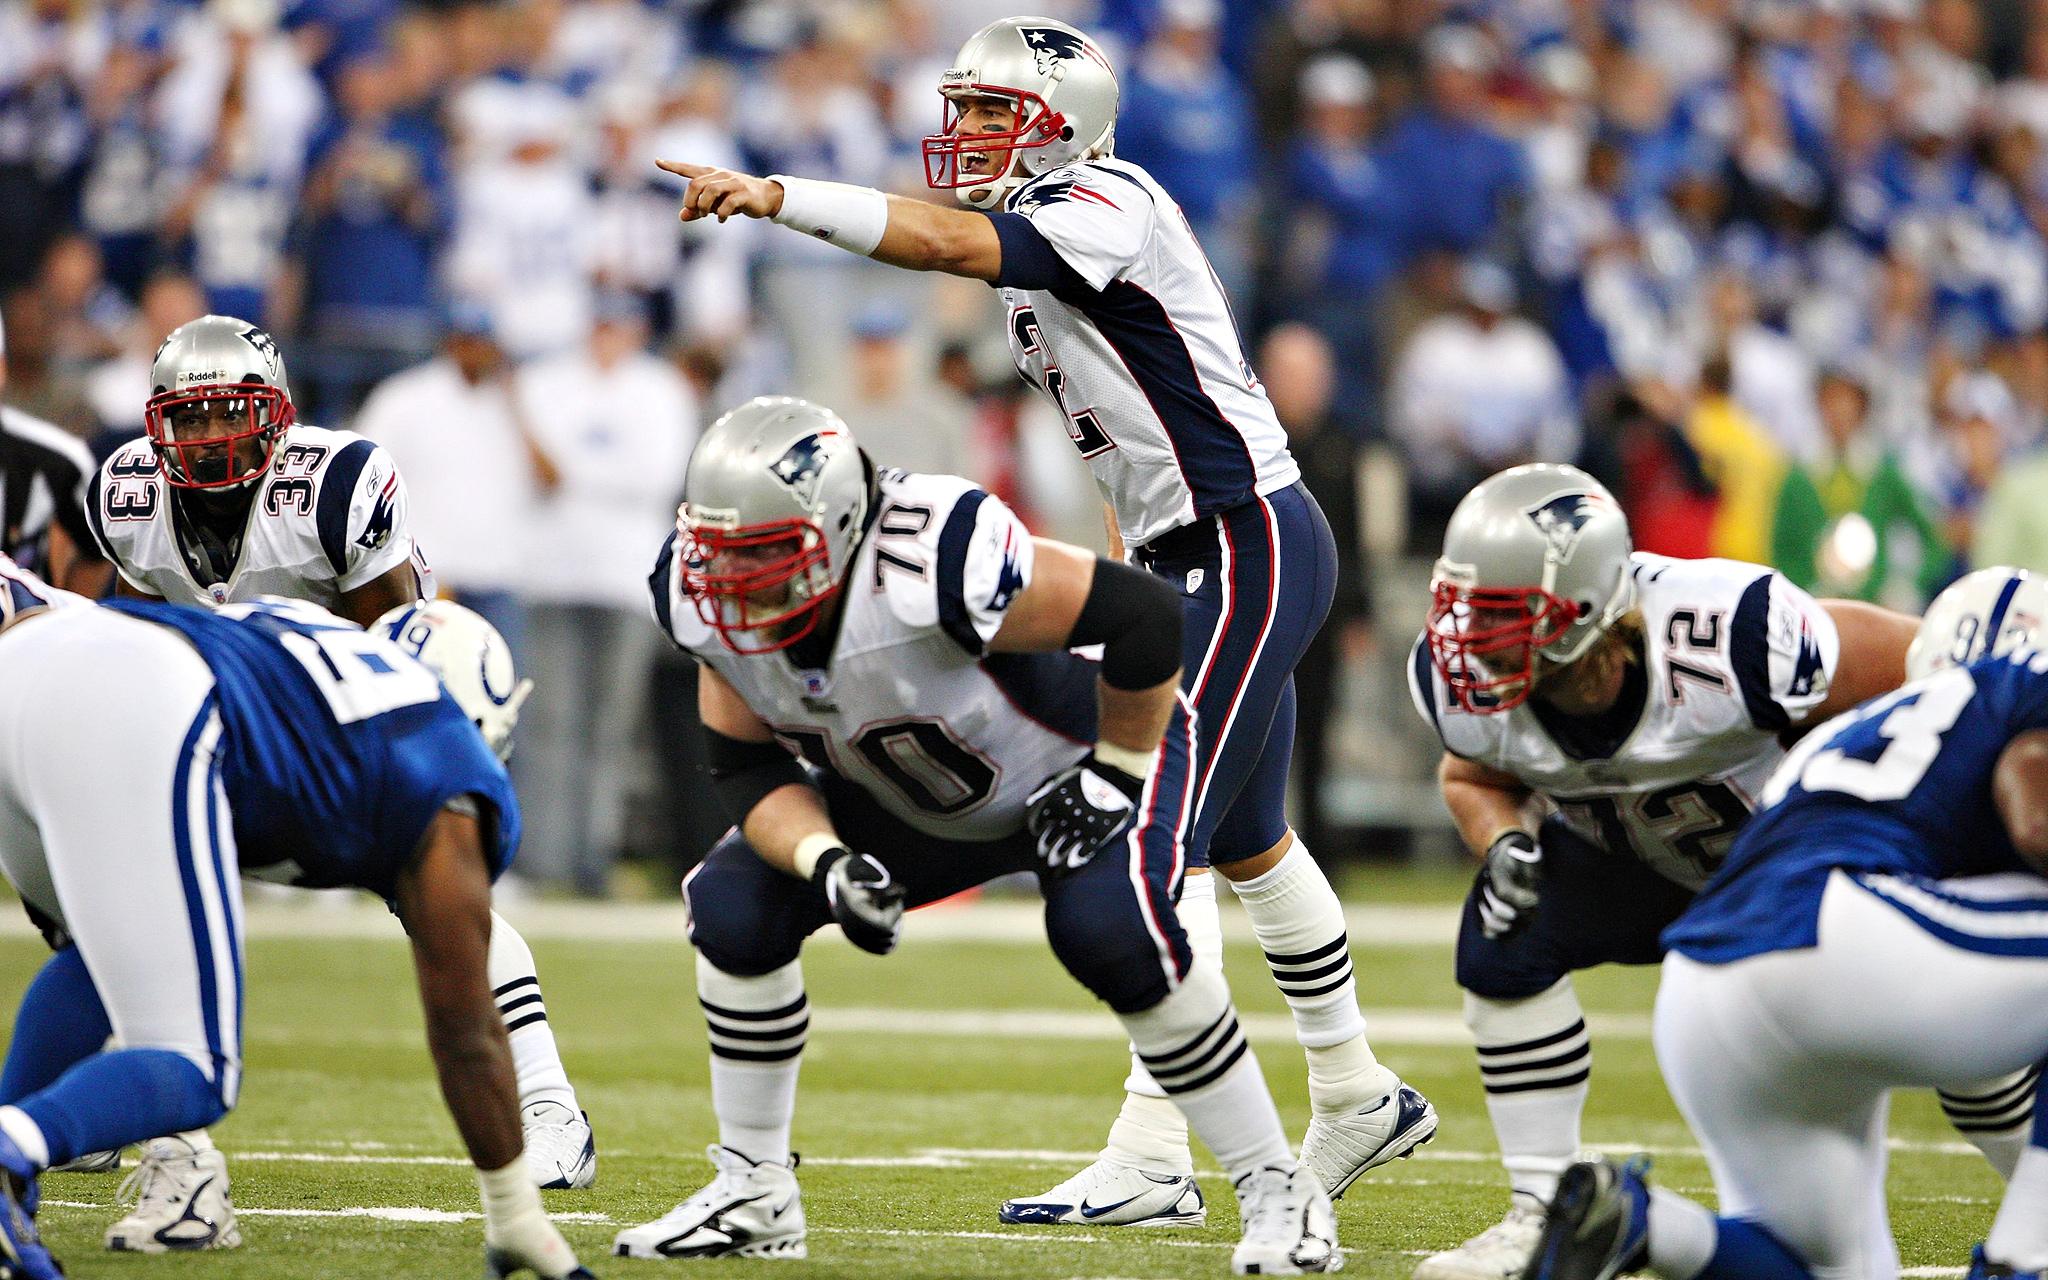 Nov. 4, 2007: Patriots 24, Colts 20